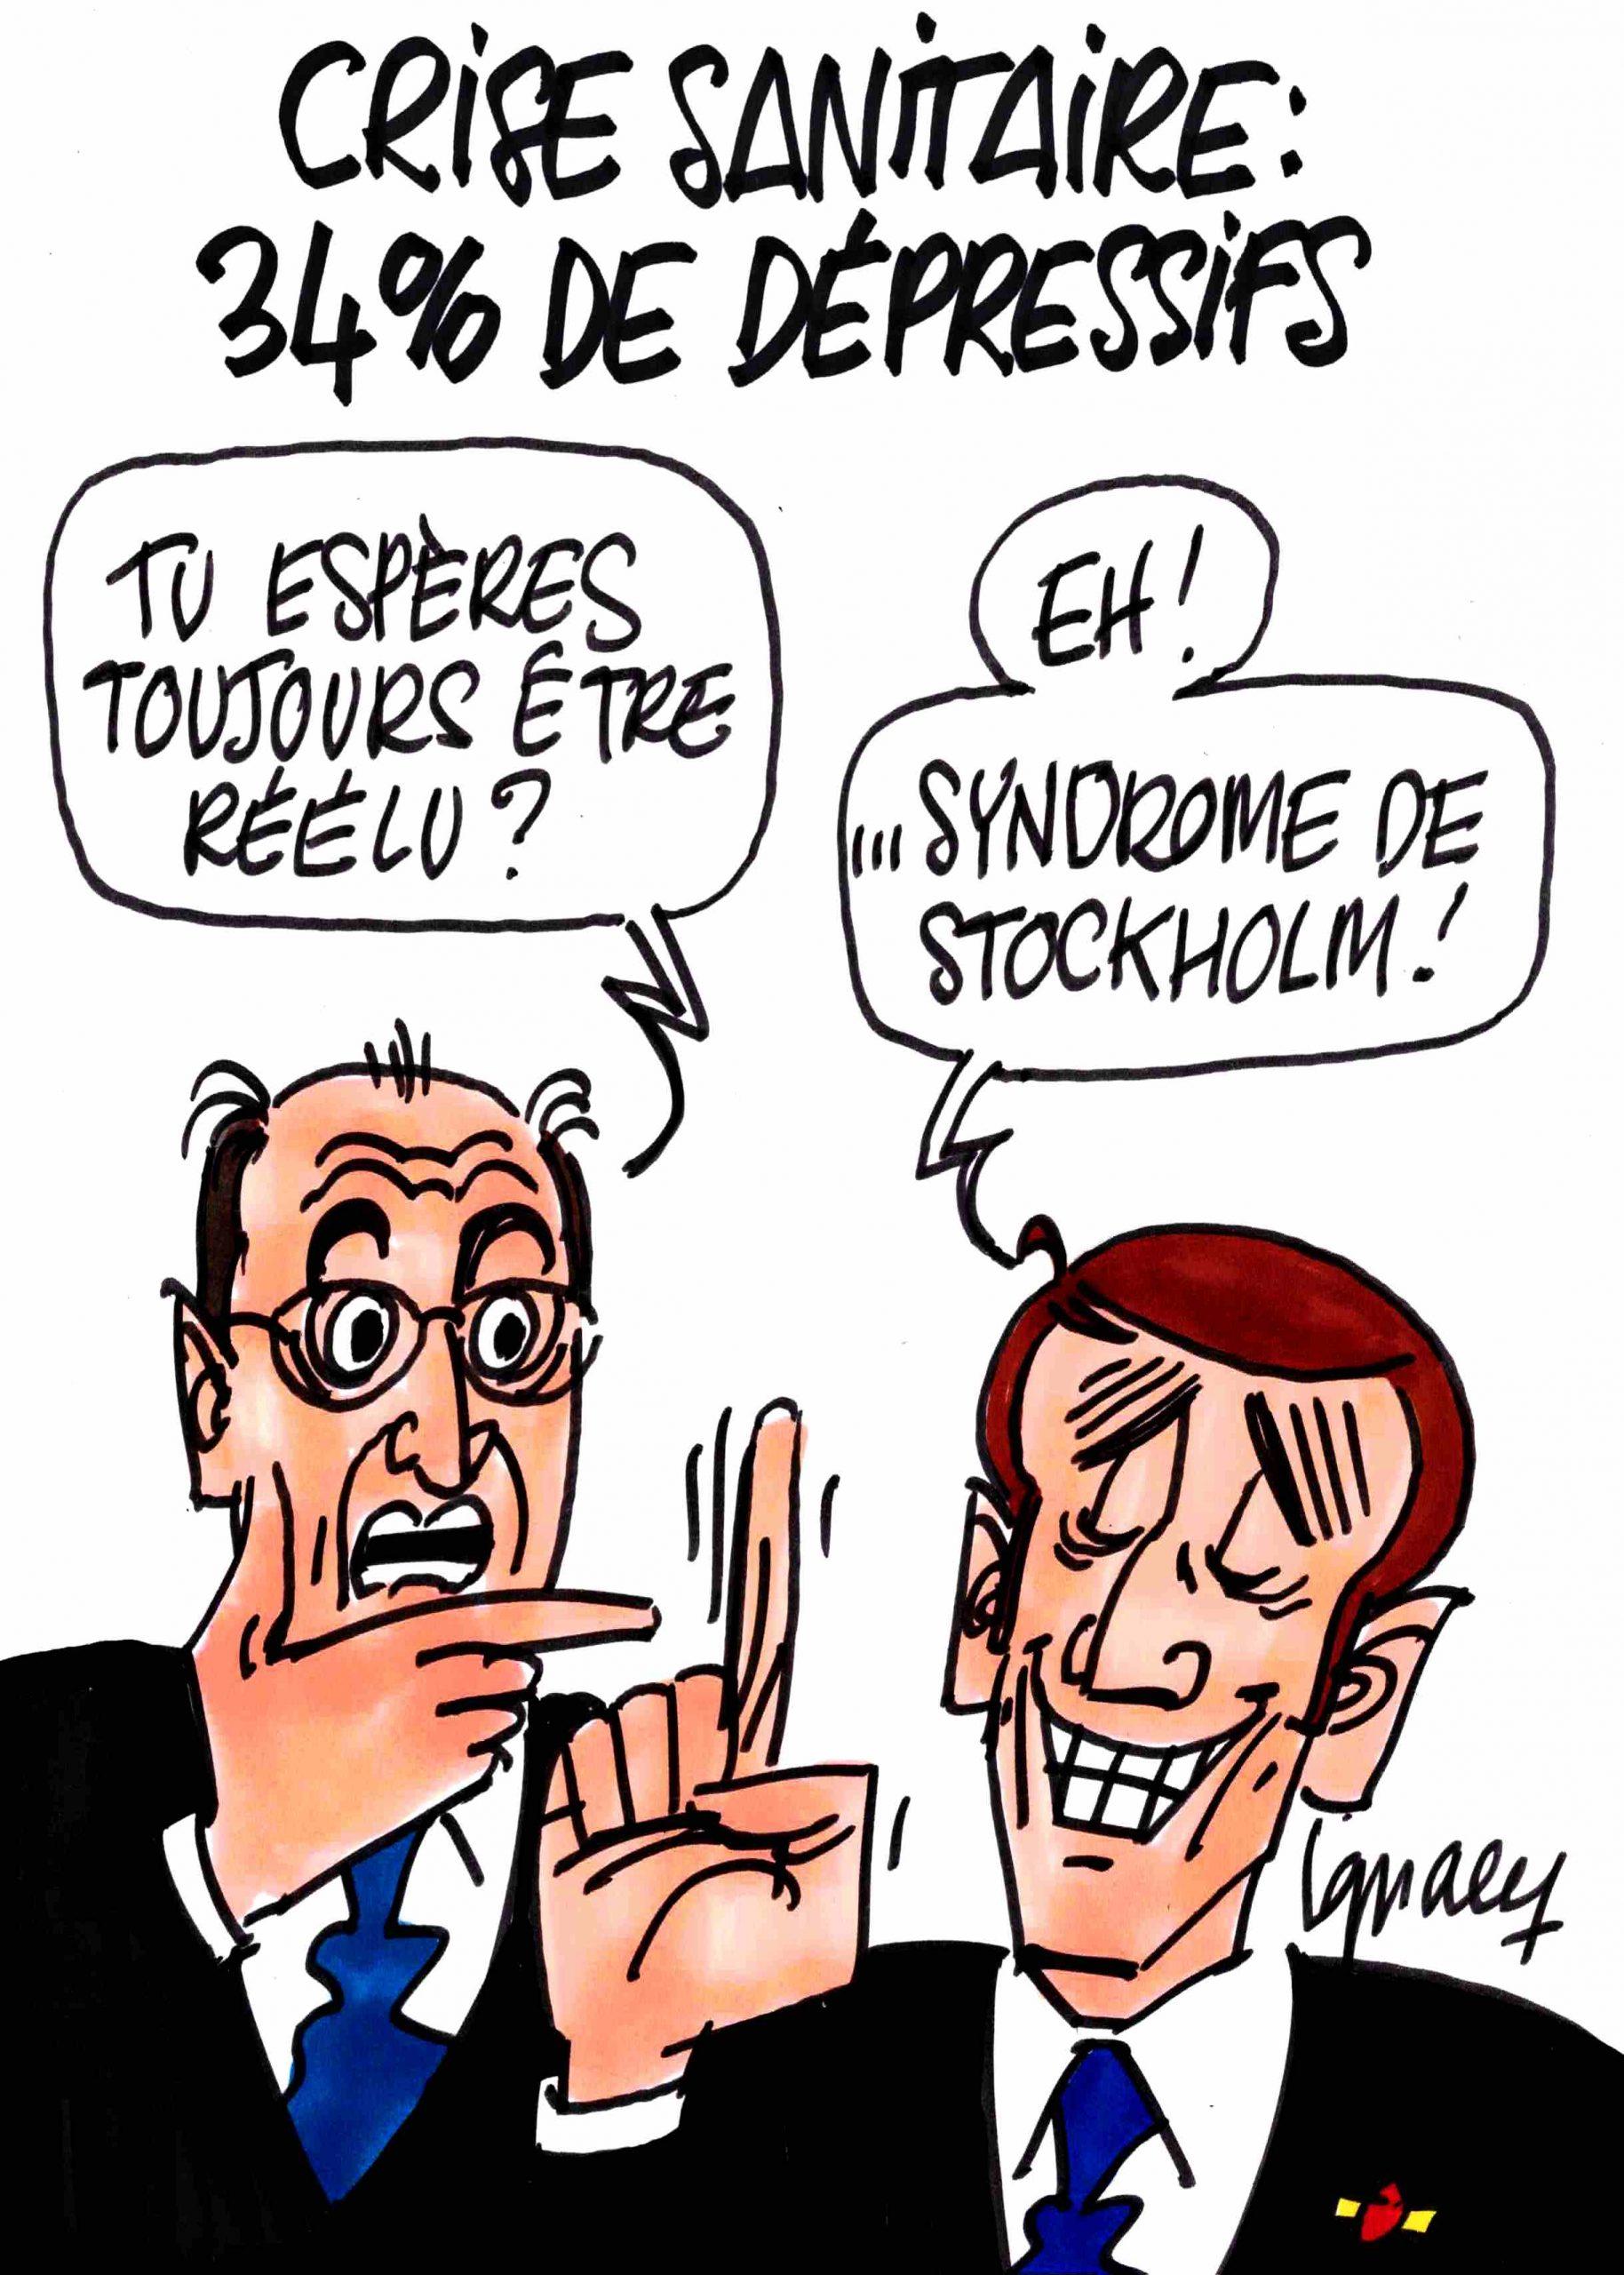 Ignace - 34% des Français dépressifs